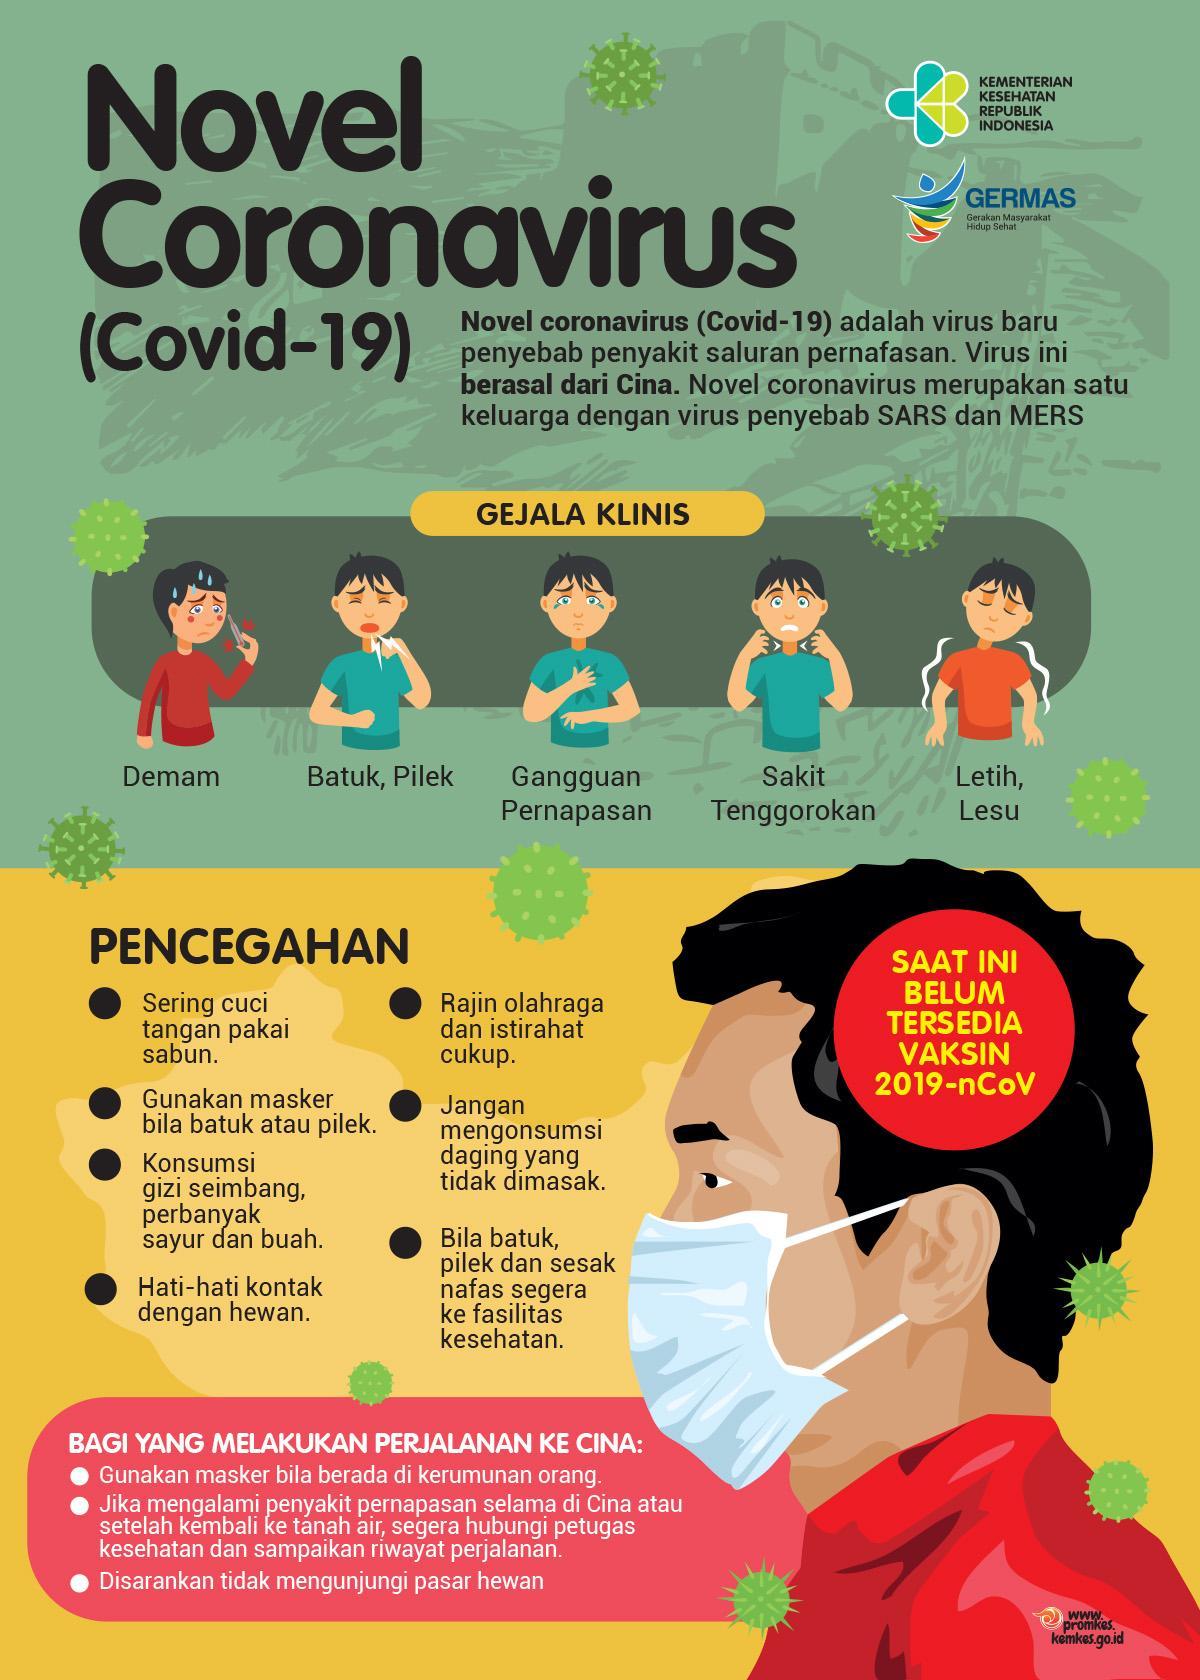 35 Gambar Poster Pencegahan Covid 19 Atau Virus Corona Untuk Edukasi Yang Mudah Dipahami Anak Anak Tribun Manado